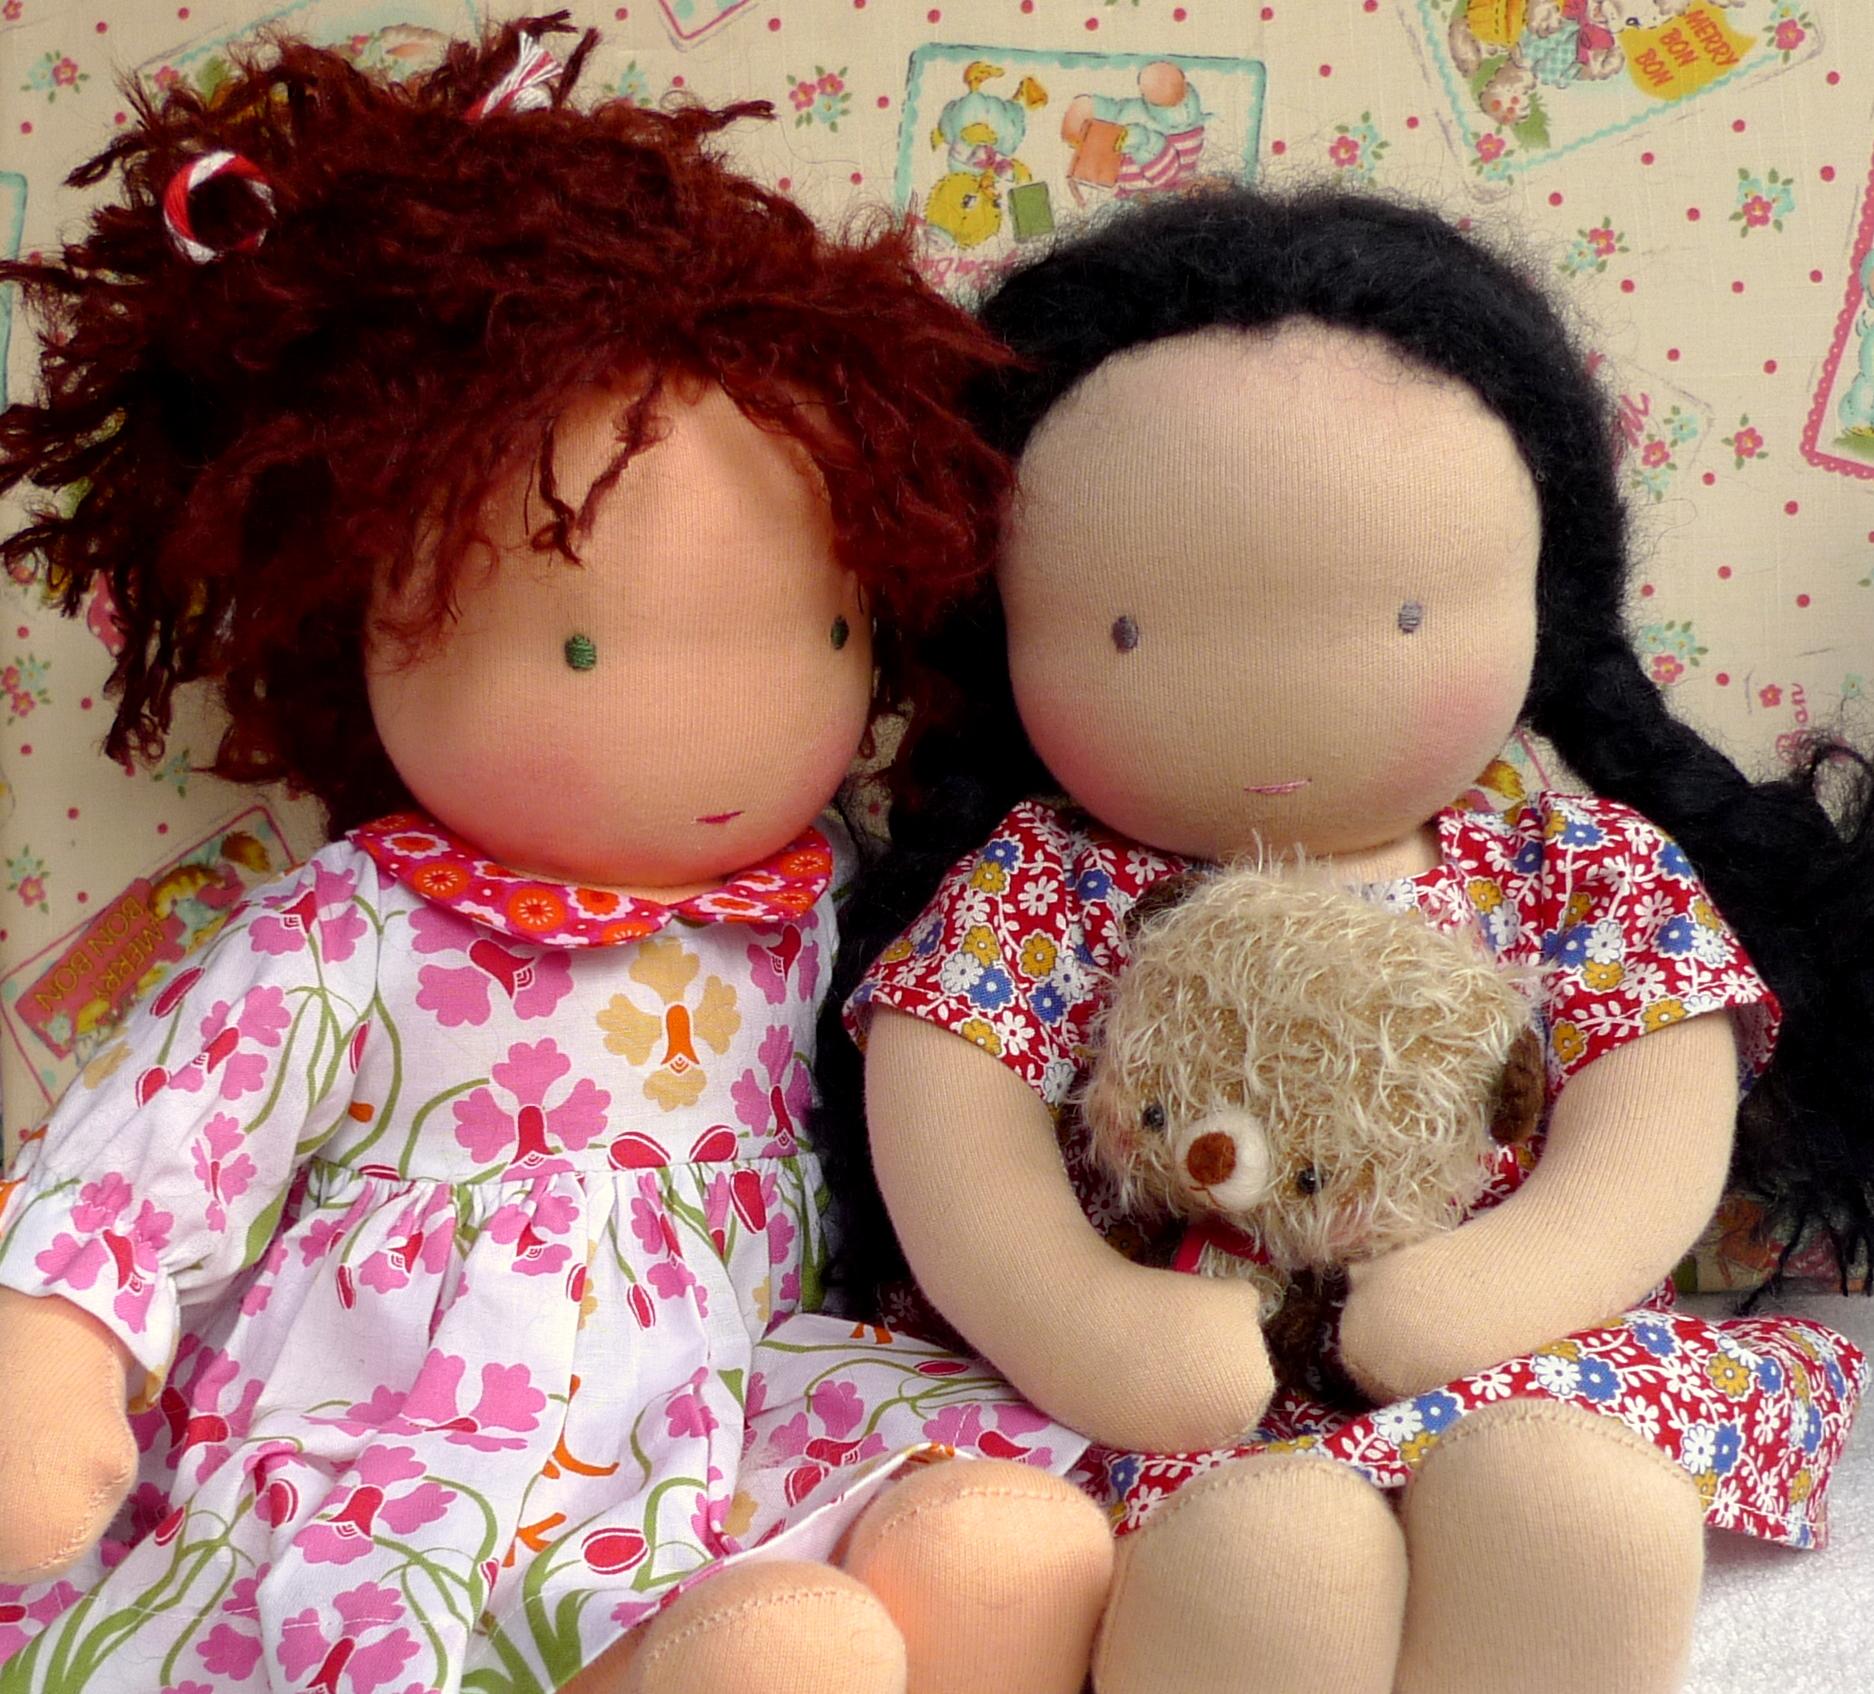 Andrea's dolls